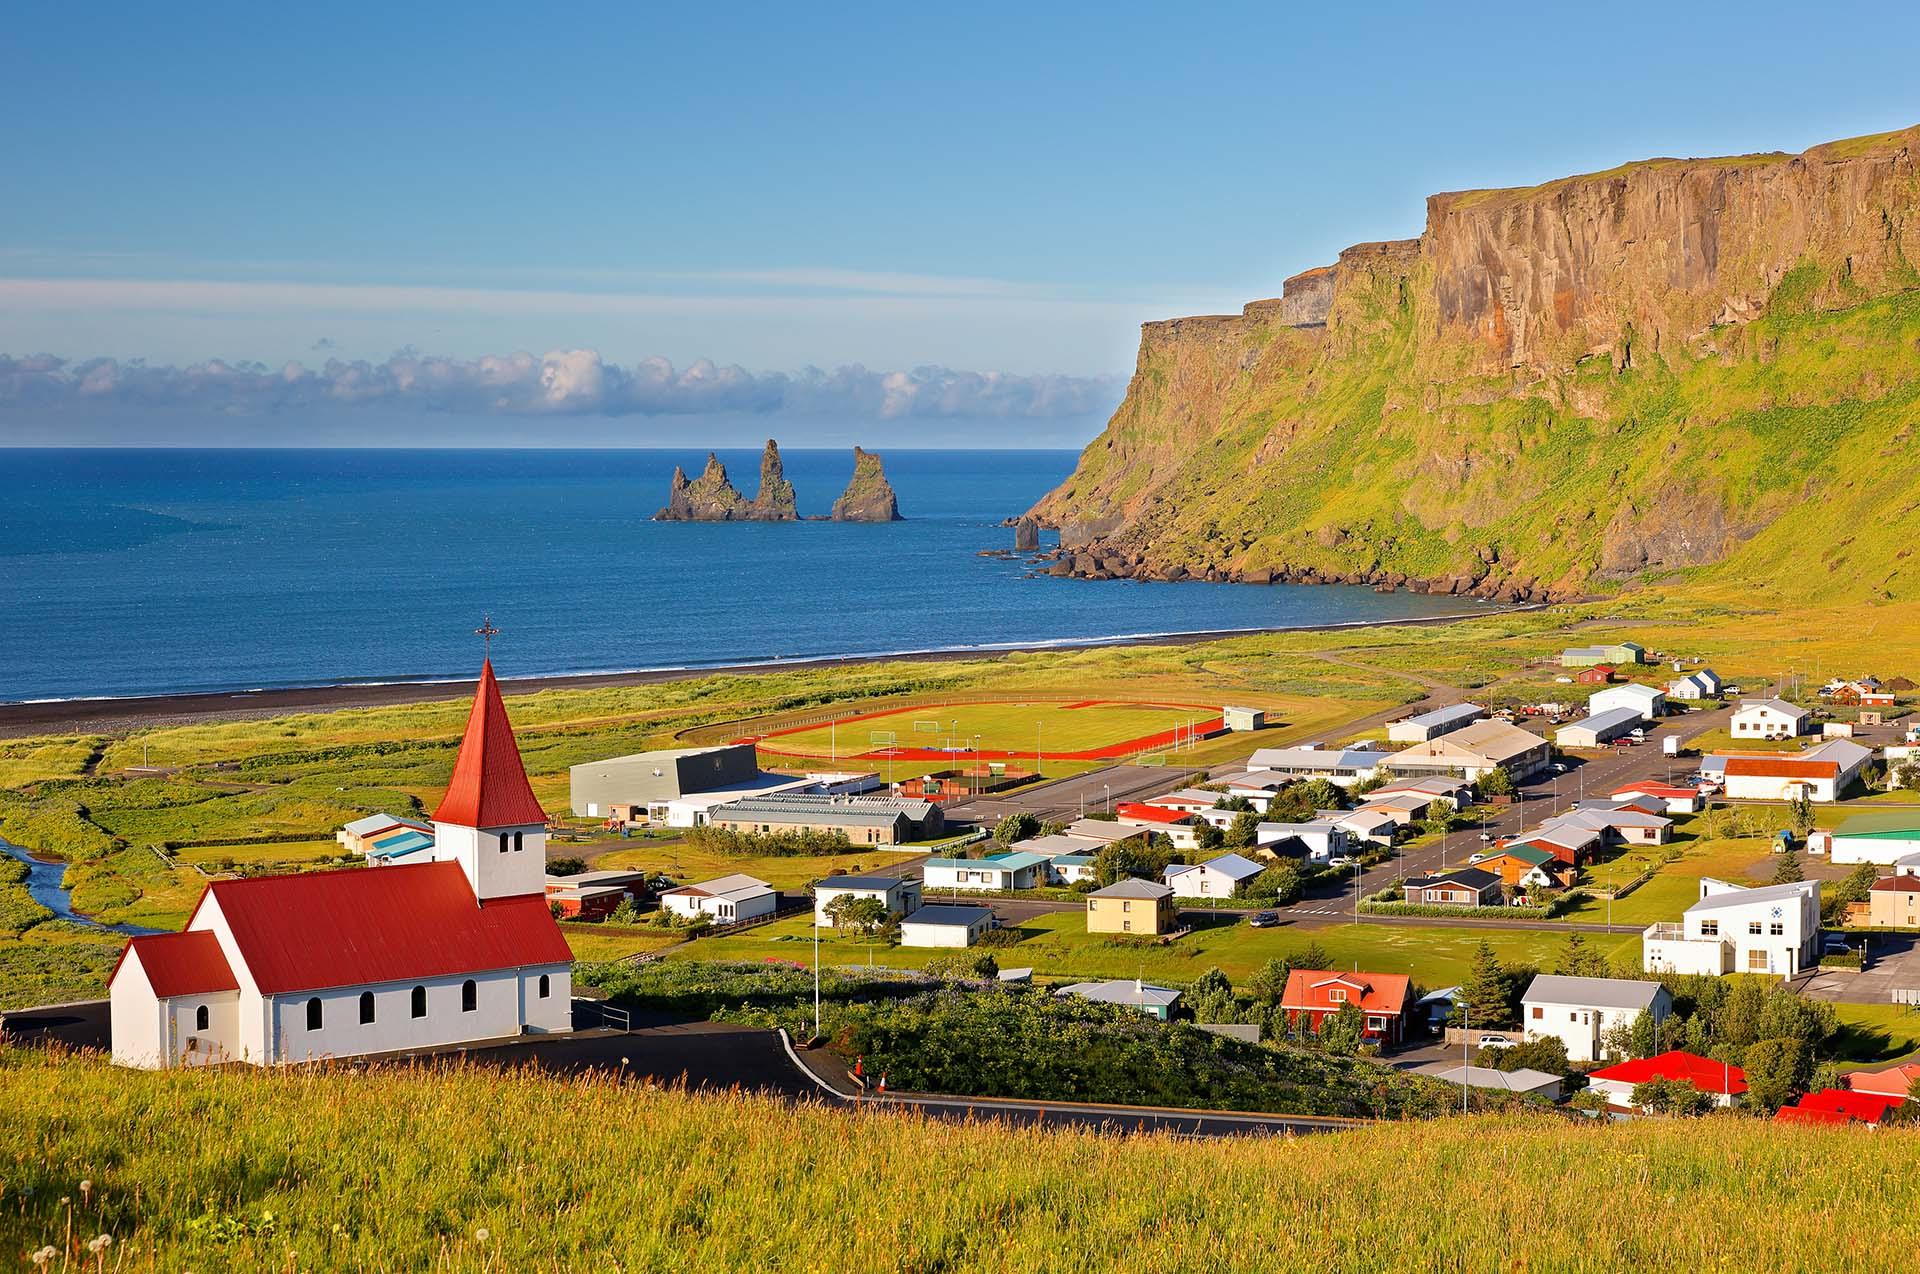 Islandia tiene el récord de la isla volcánica más grande del mundo. El país en sí está realmente expuesto al fondo del océano, formado por erupciones volcánicas a lo largo de la cordillera del Atlántico medio. La cresta es una grieta en el fondo del océano, resultado de las placas tectónicas de América del Norte y Eurasia